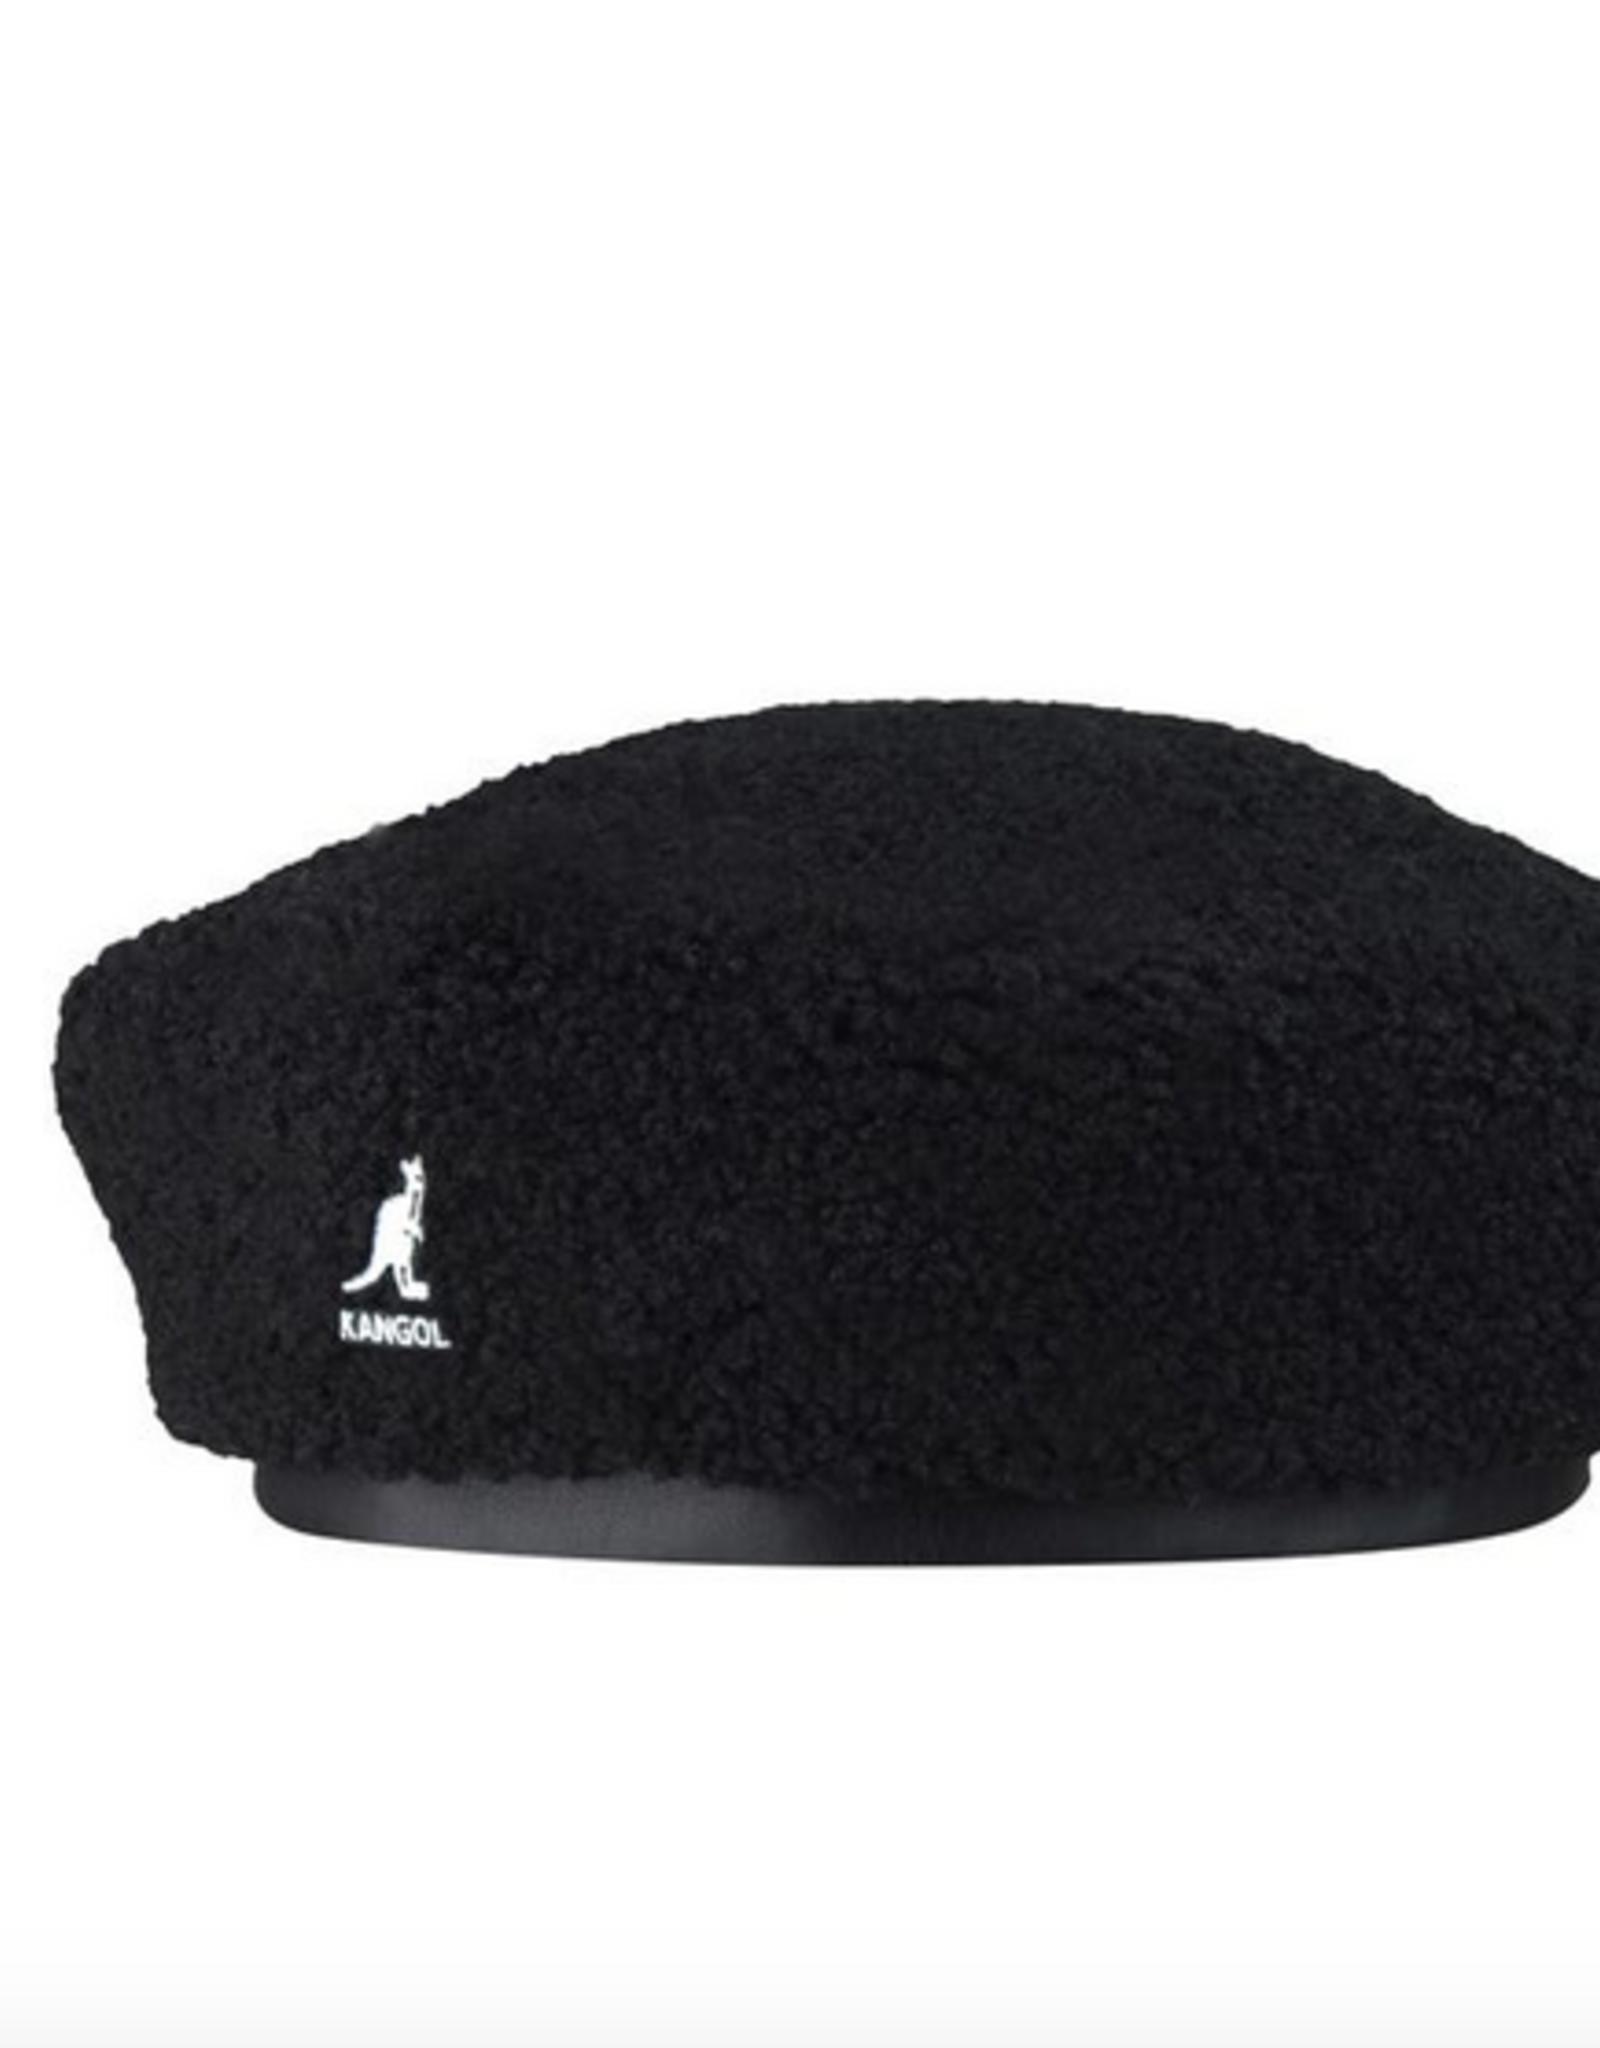 kangol Plush beret black S/M